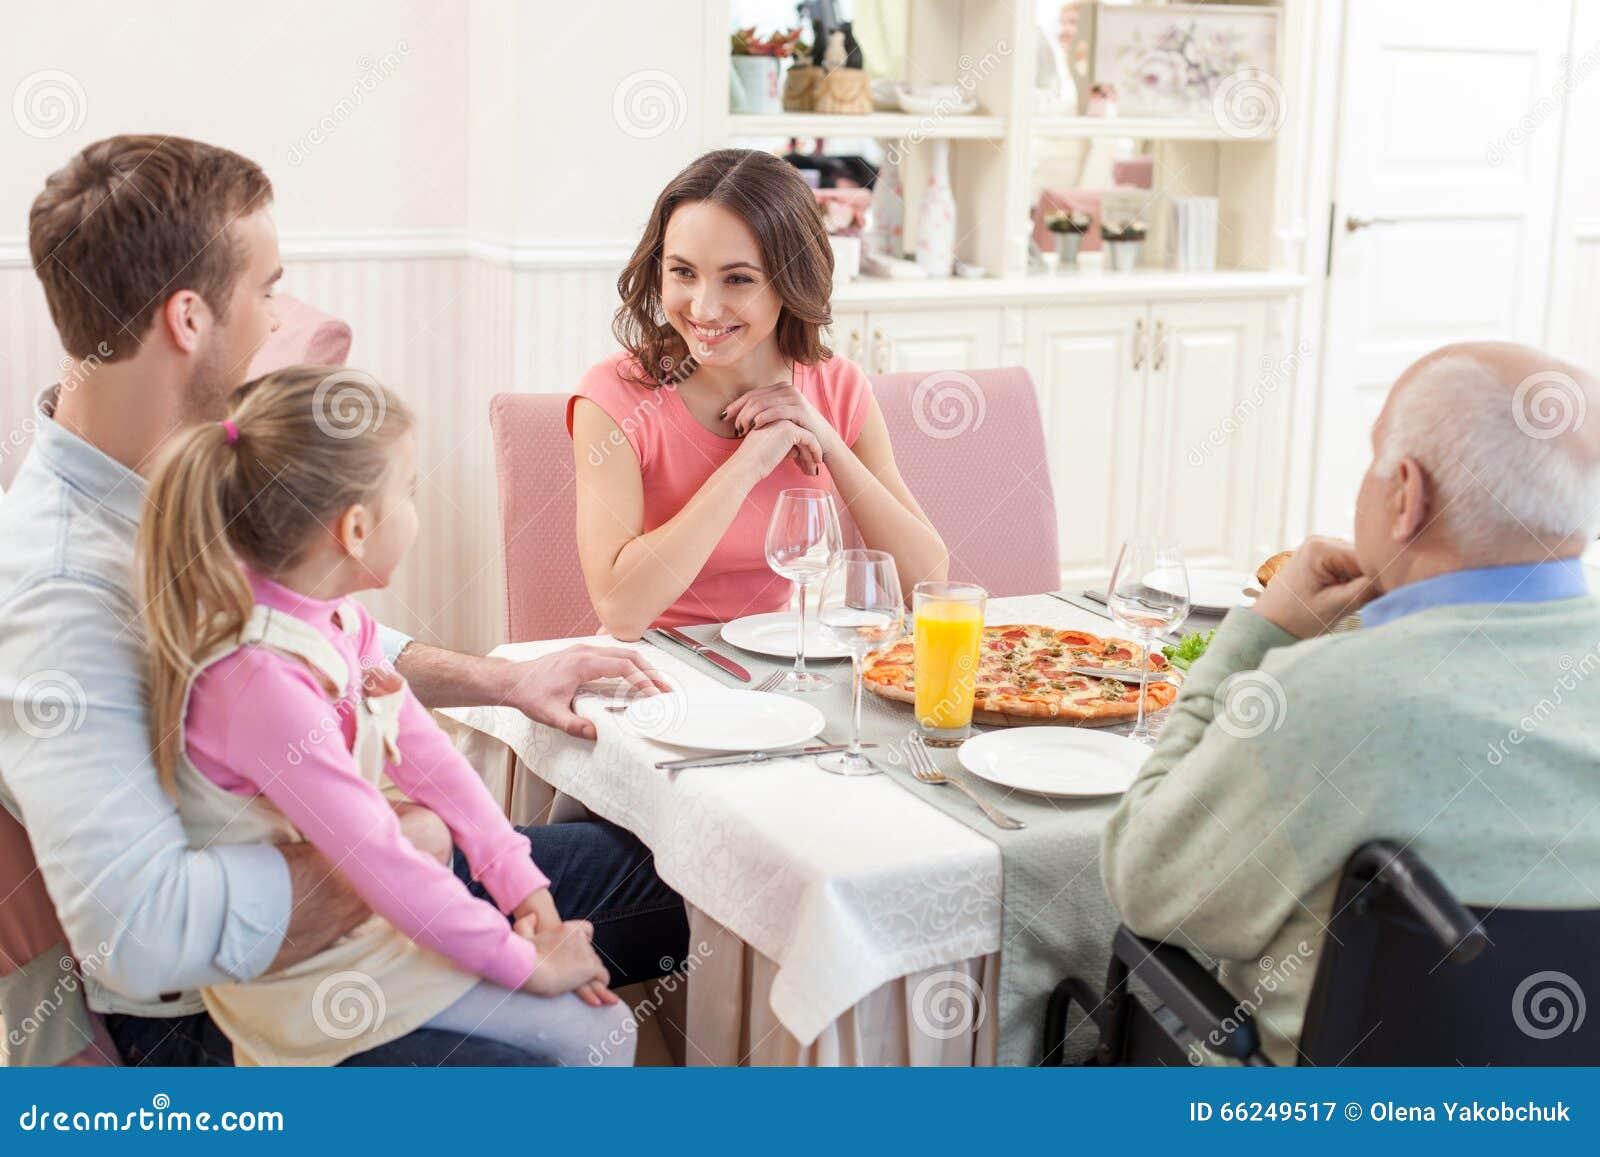 Милая семья имеет обед совместно